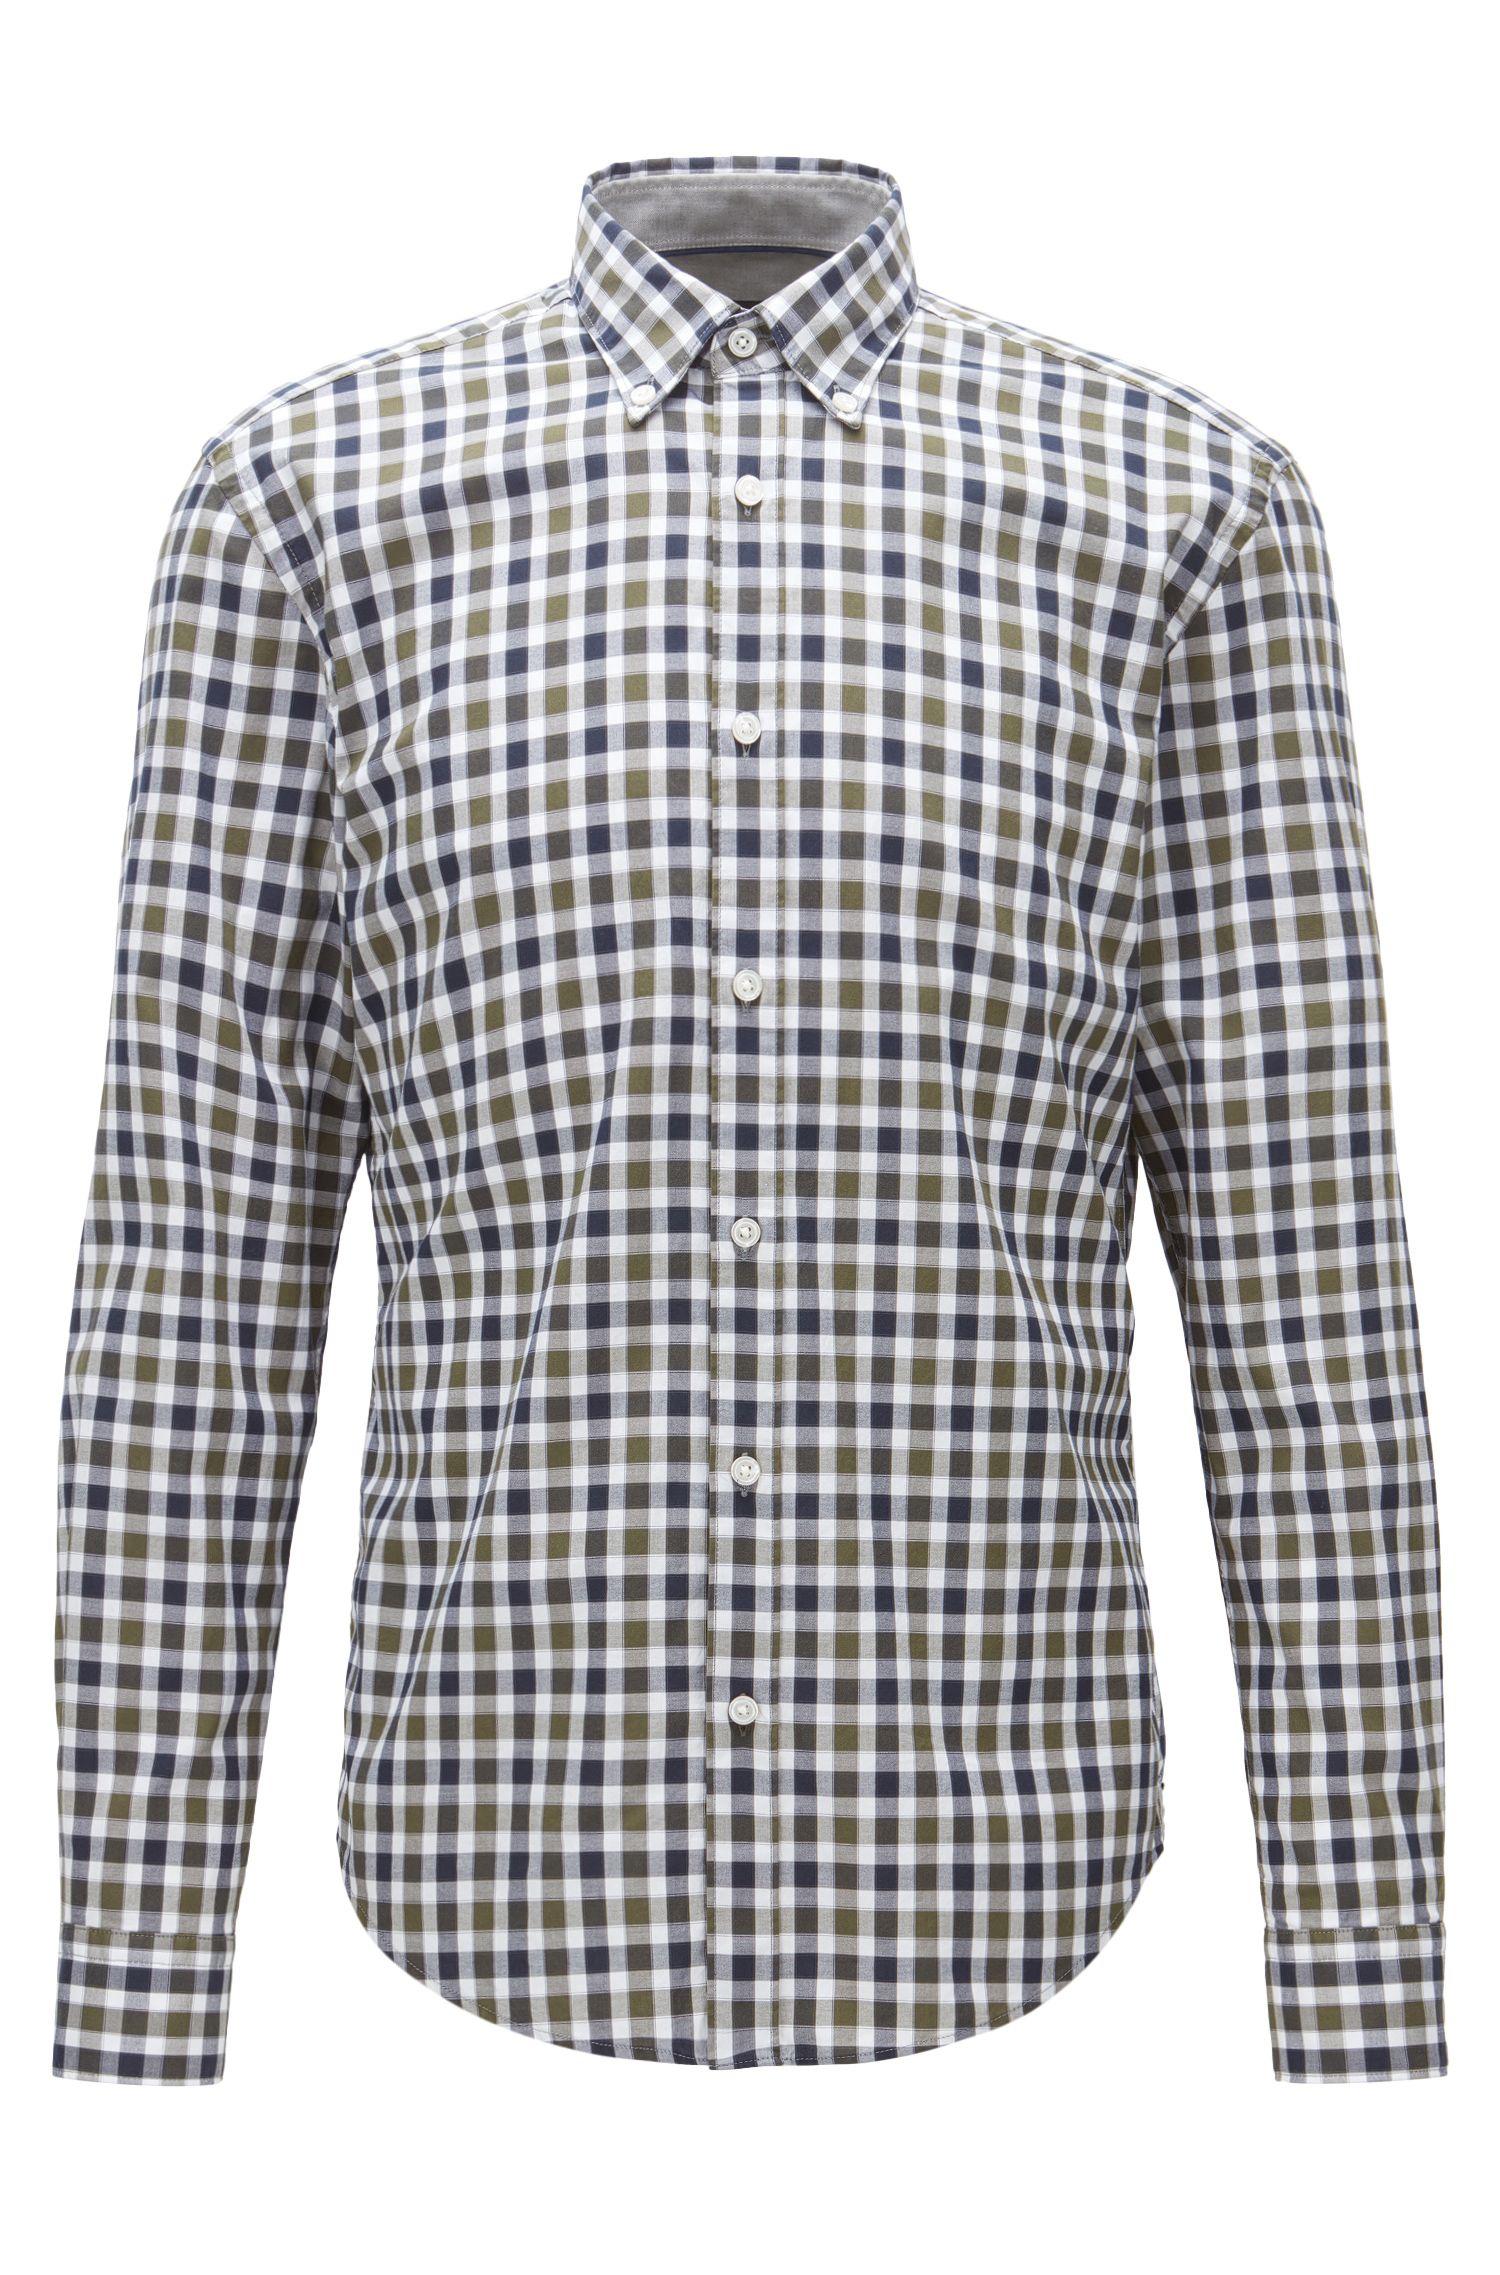 Plaid Cotton Button Down Shirt, Slim Fit | Rod